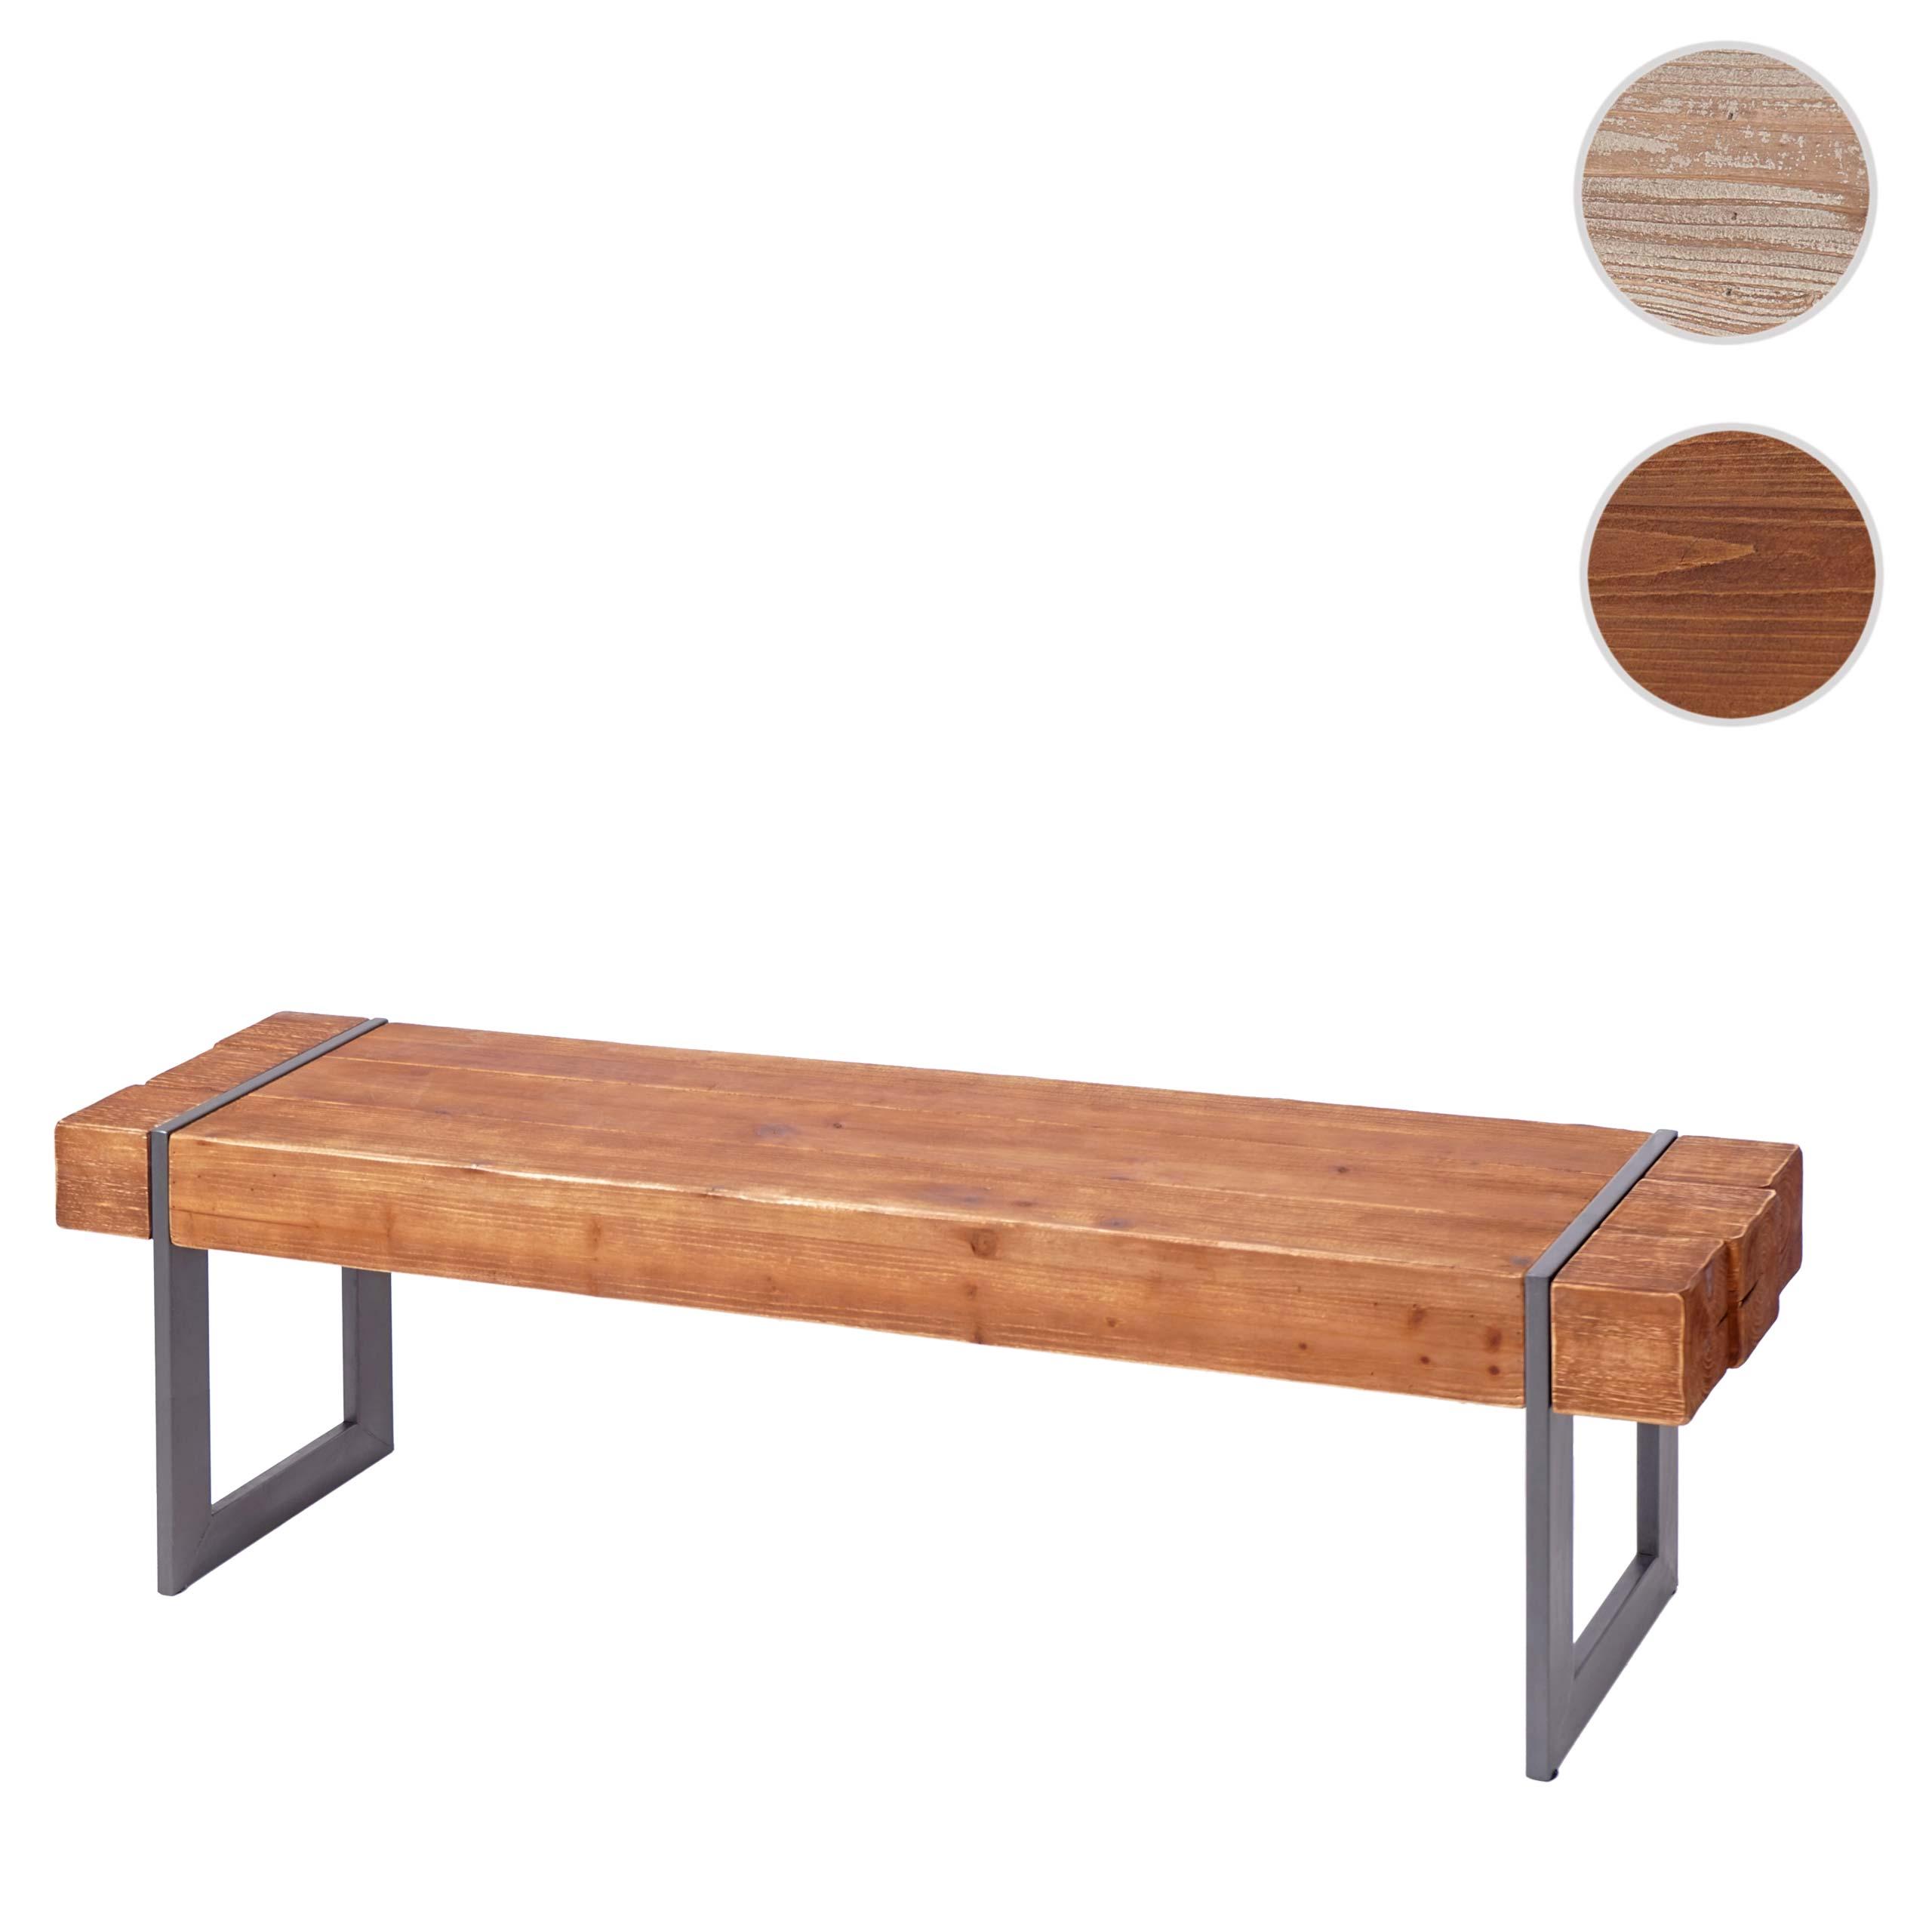 Mendler Sitzbank HWC-A15, Esszimmerbank Bank, Tanne Holz rustikal massiv ~ Variantenangebot 56897